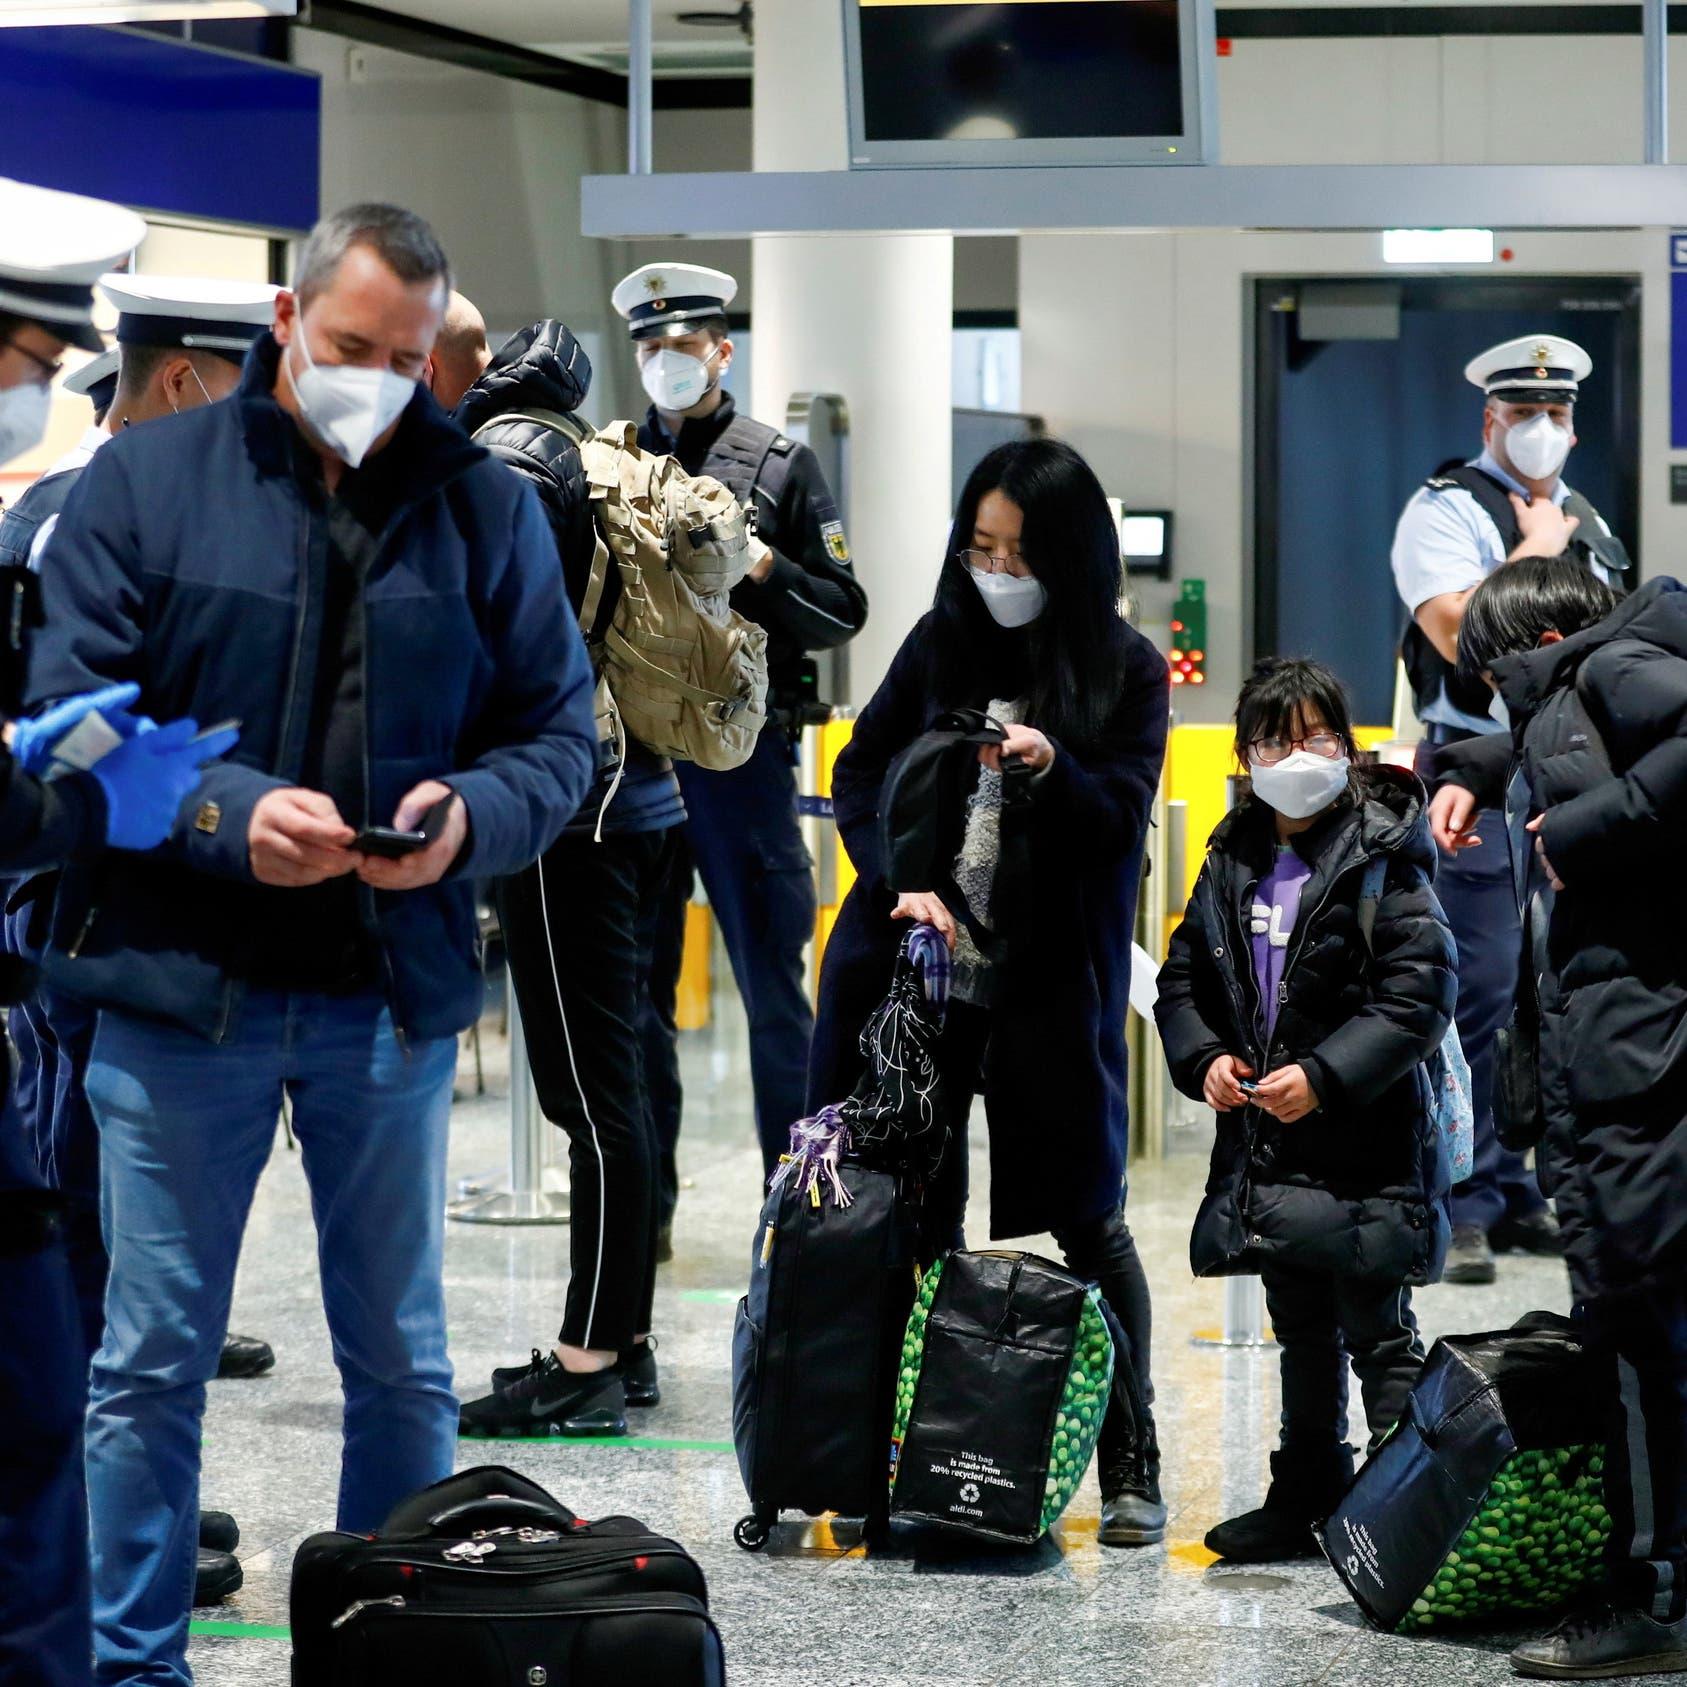 خوفاً من متحوّر كورونا الهندي.. ألمانيا تحظر دخول المسافرين من بريطانيا